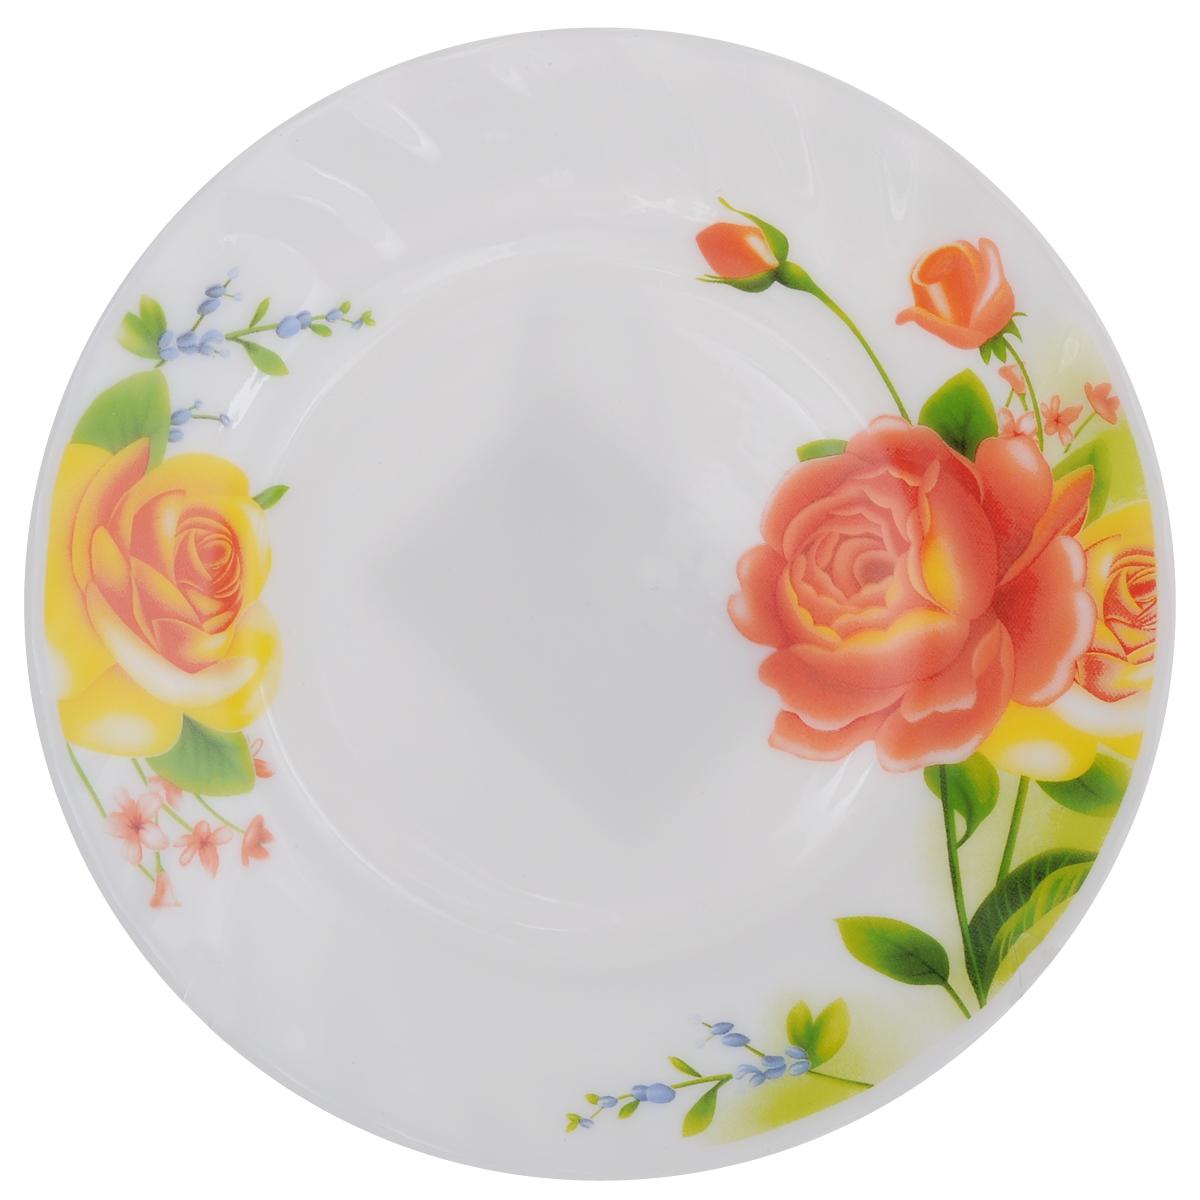 Тарелка десертная Chinbull Алессио, диаметр 17,5 смHP-70/6665Десертная тарелка Chinbull Алессио изготовлена из экологически чистой стеклокерамики. Изделие оформлено красочным рисунком цветов и имеет изысканный внешний вид. Такая тарелка прекрасно подходит как для торжественных случаев, так и для повседневного использования. Идеальна для подачи десертов, пирожных, тортов и многого другого. Она прекрасно оформит стол и станет отличным дополнением к вашей коллекции кухонной посуды.Можно использовать в посудомоечной машине и СВЧ.Диаметр (по верхнему краю): 17,5 см.Высота стенки: 1,7 см.